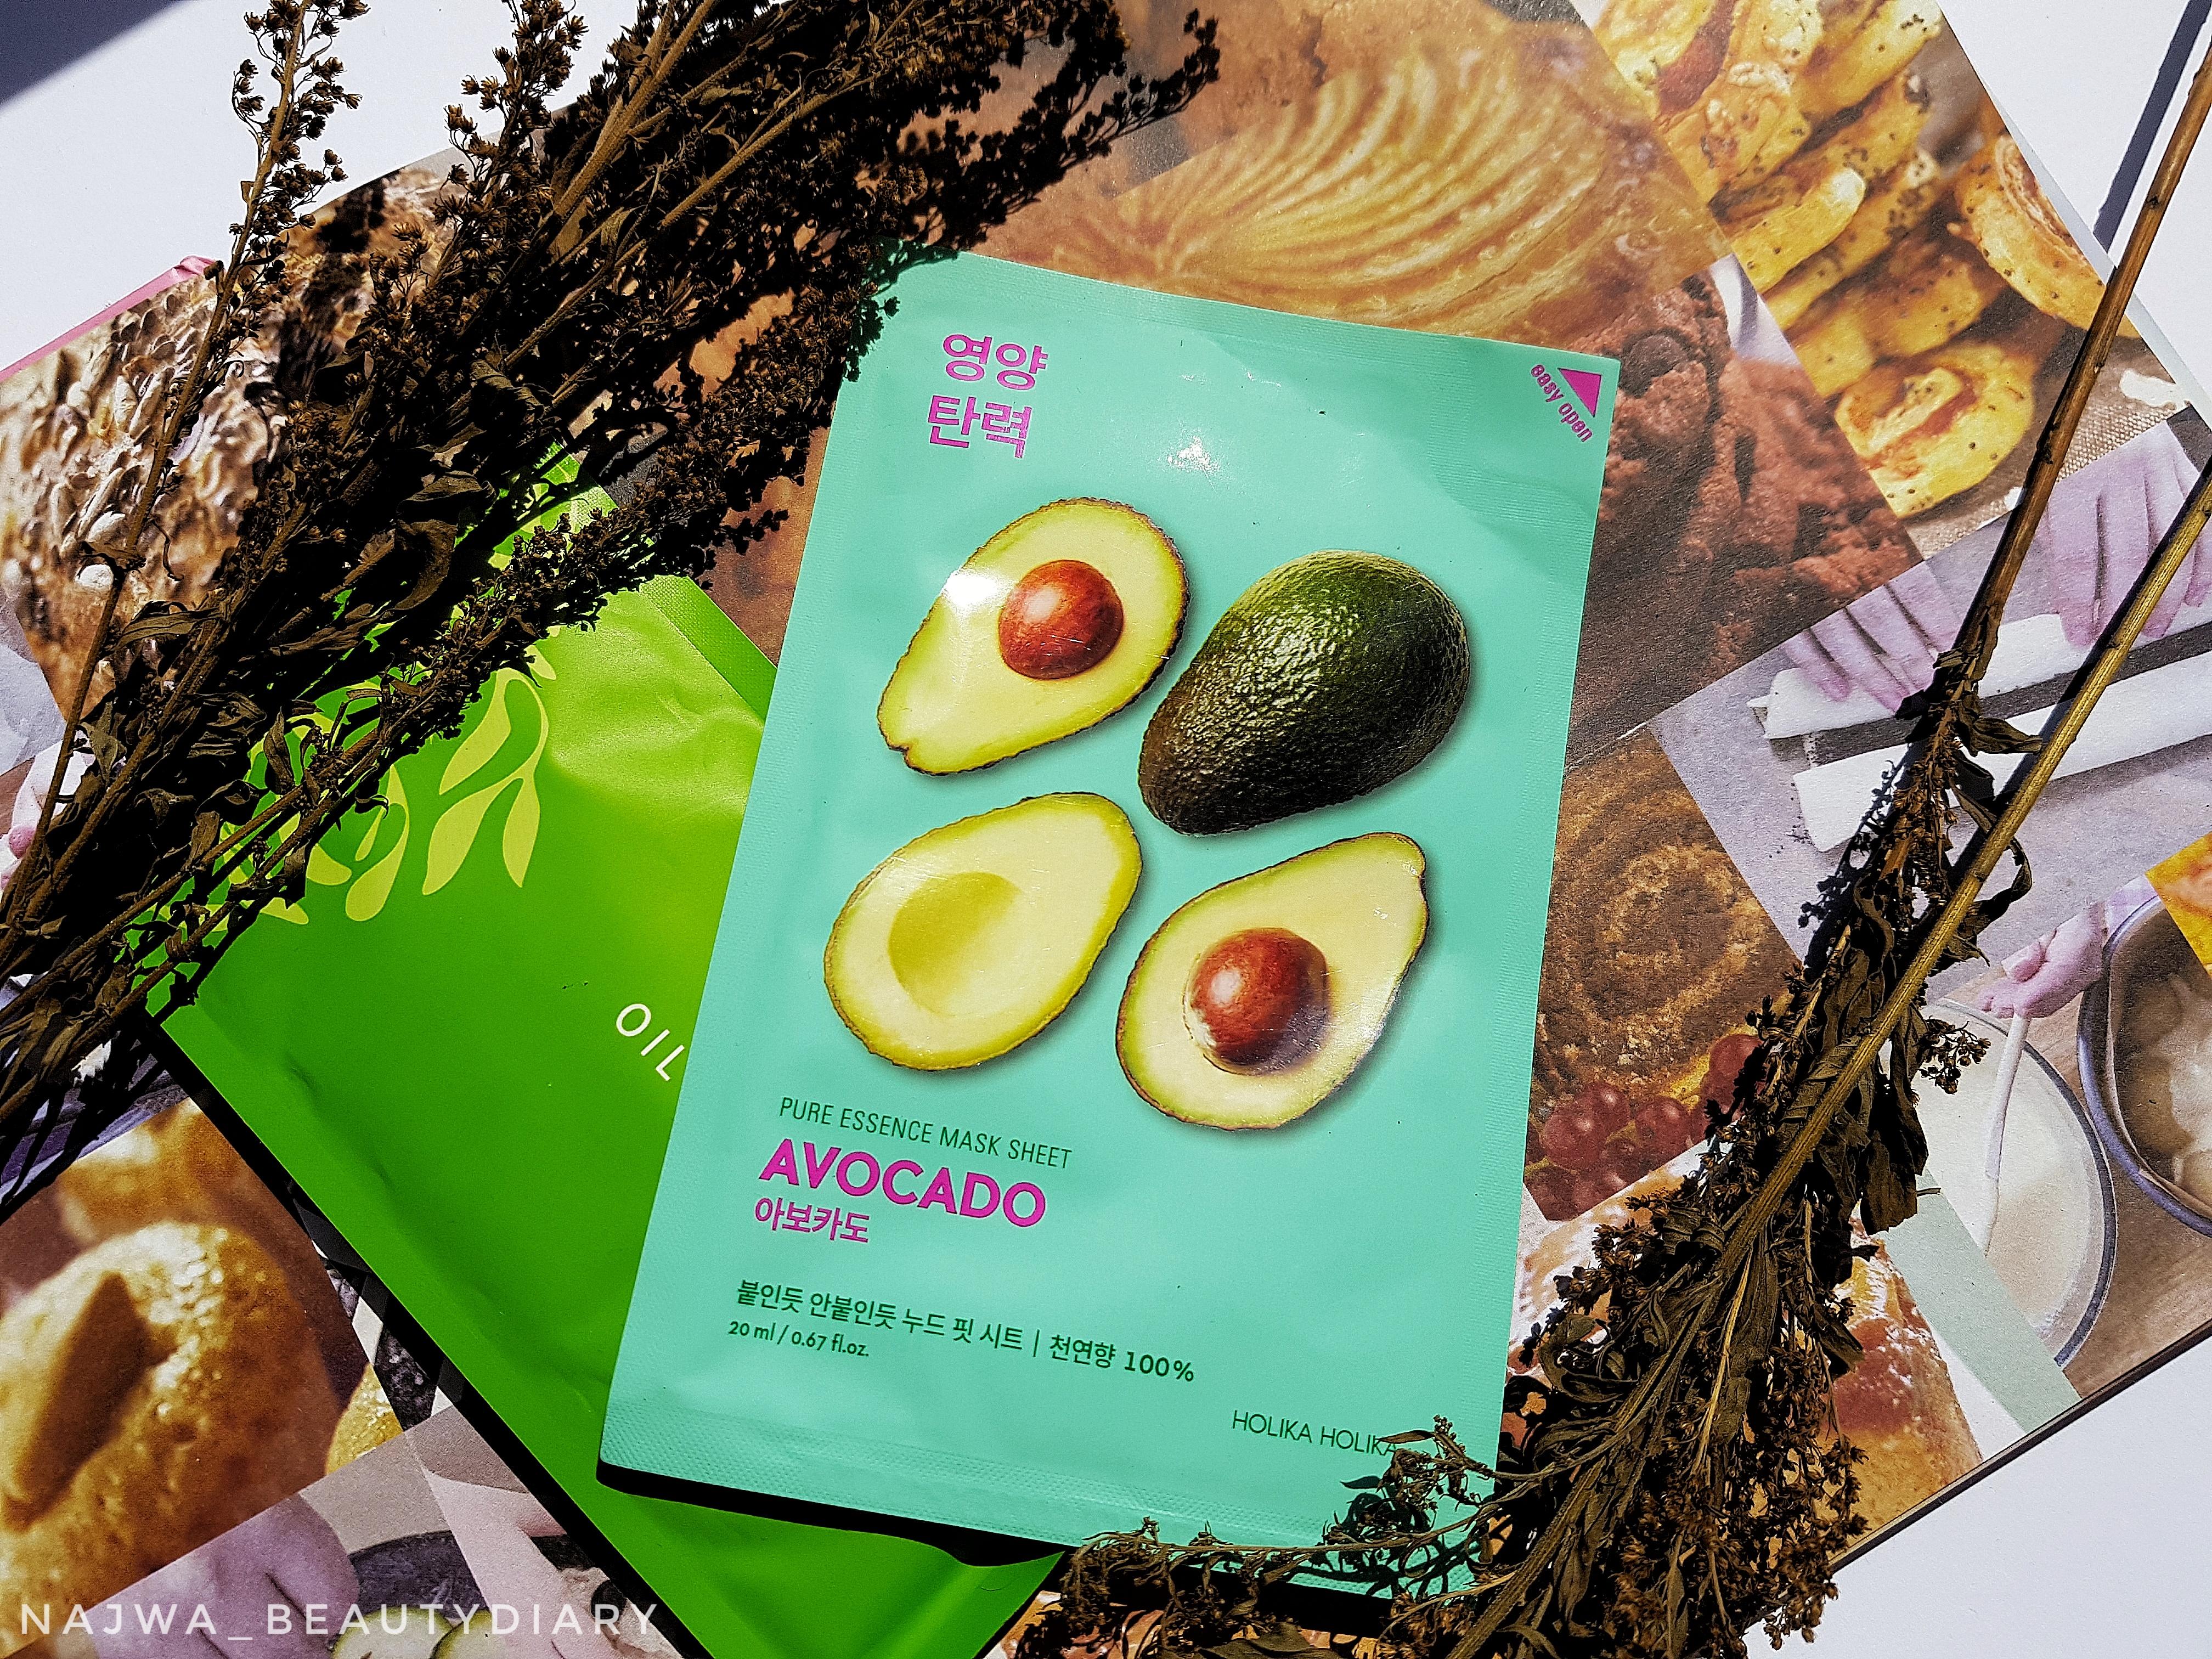 Holika Holika Pure Essence Mask Sheet (Avocado) | Review